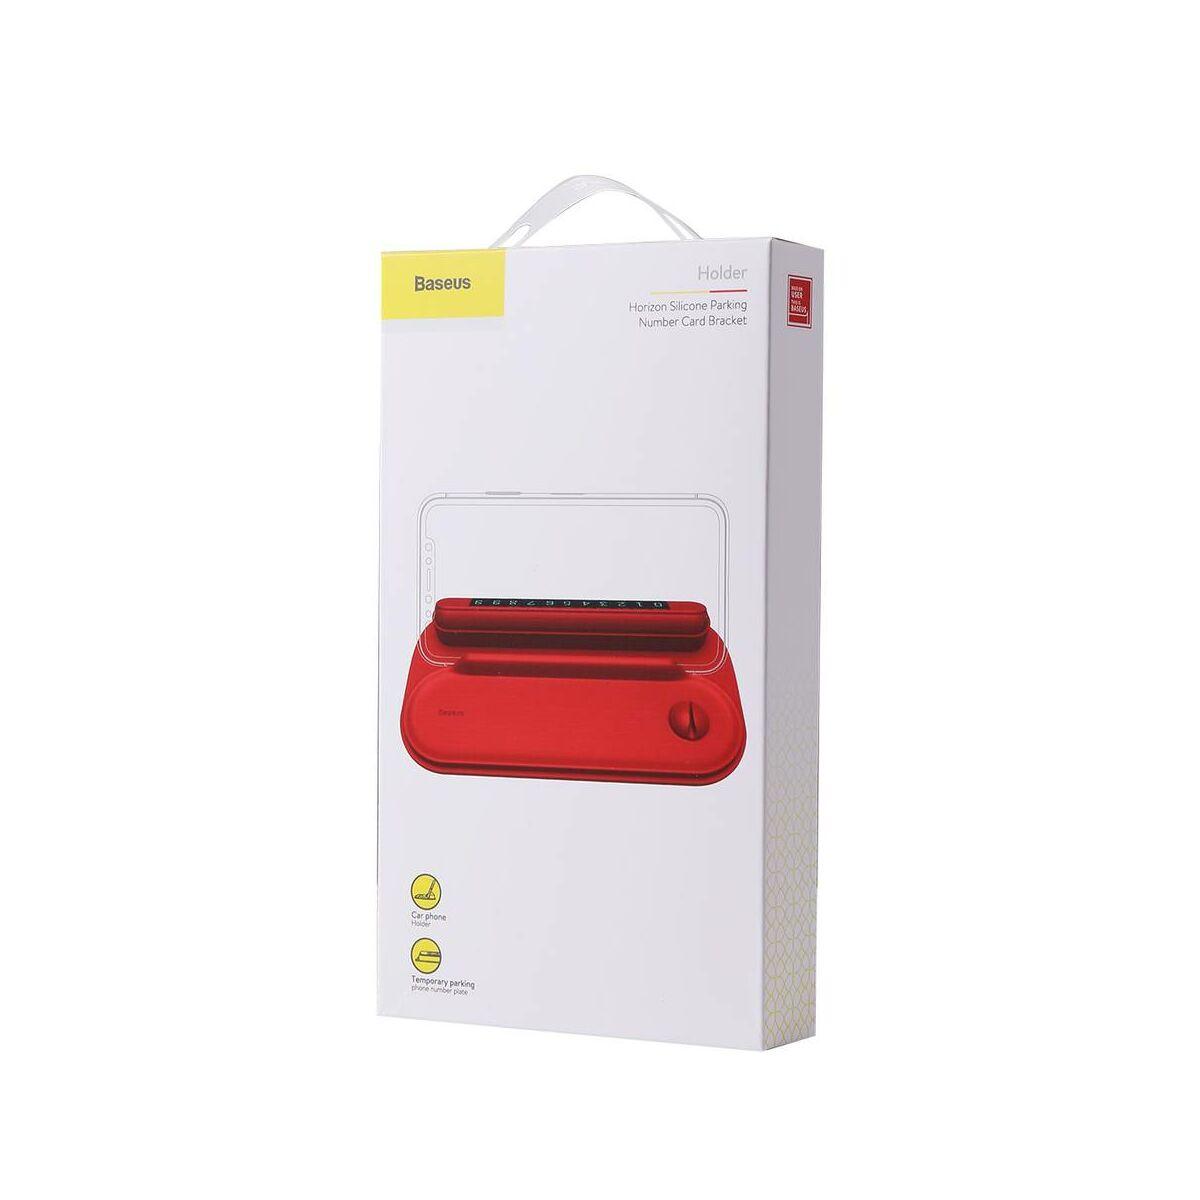 Baseus autós kiegészítő, Horizon Silicone telefonszám kijelző műszerfalra parkoláshoz, piros (ACNUM-PM09)